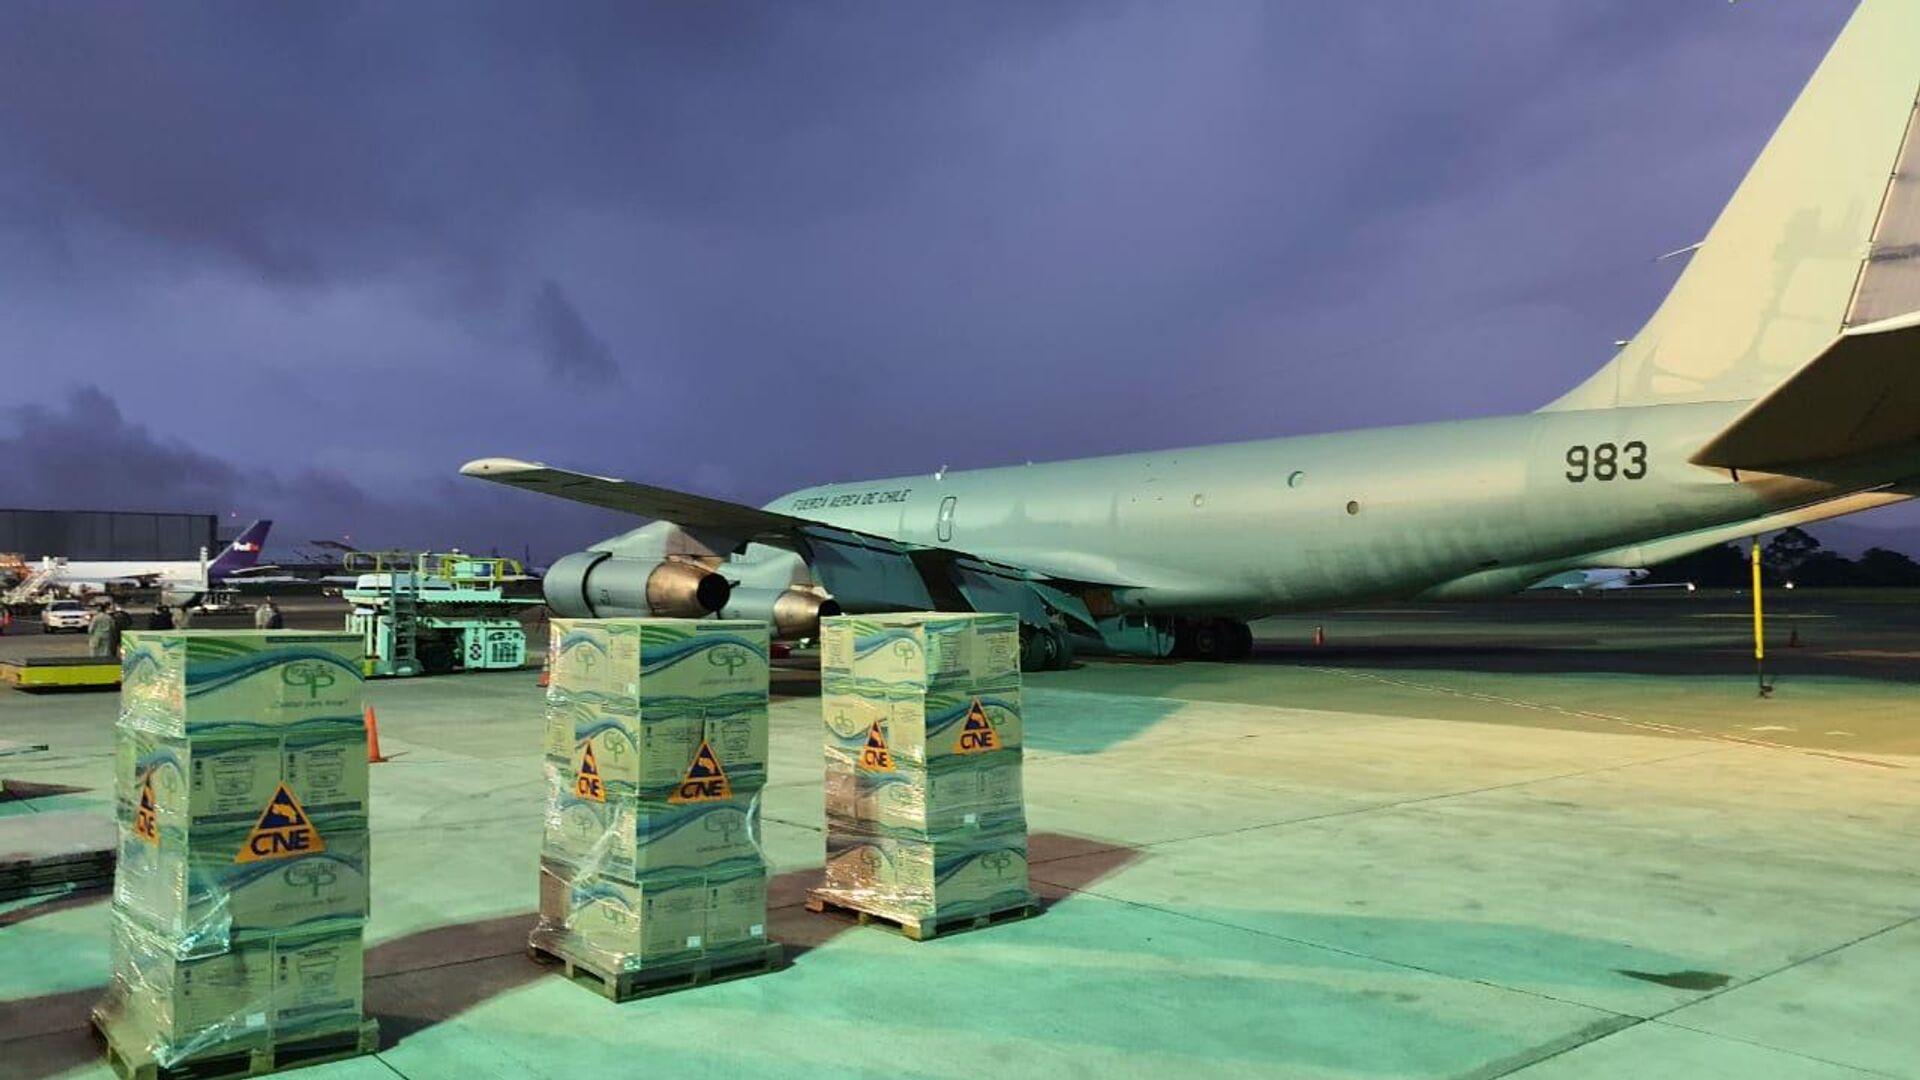 Costa Rica envía 9,5 toneladas de ayuda humanitaria a Haití - Sputnik Mundo, 1920, 18.08.2021